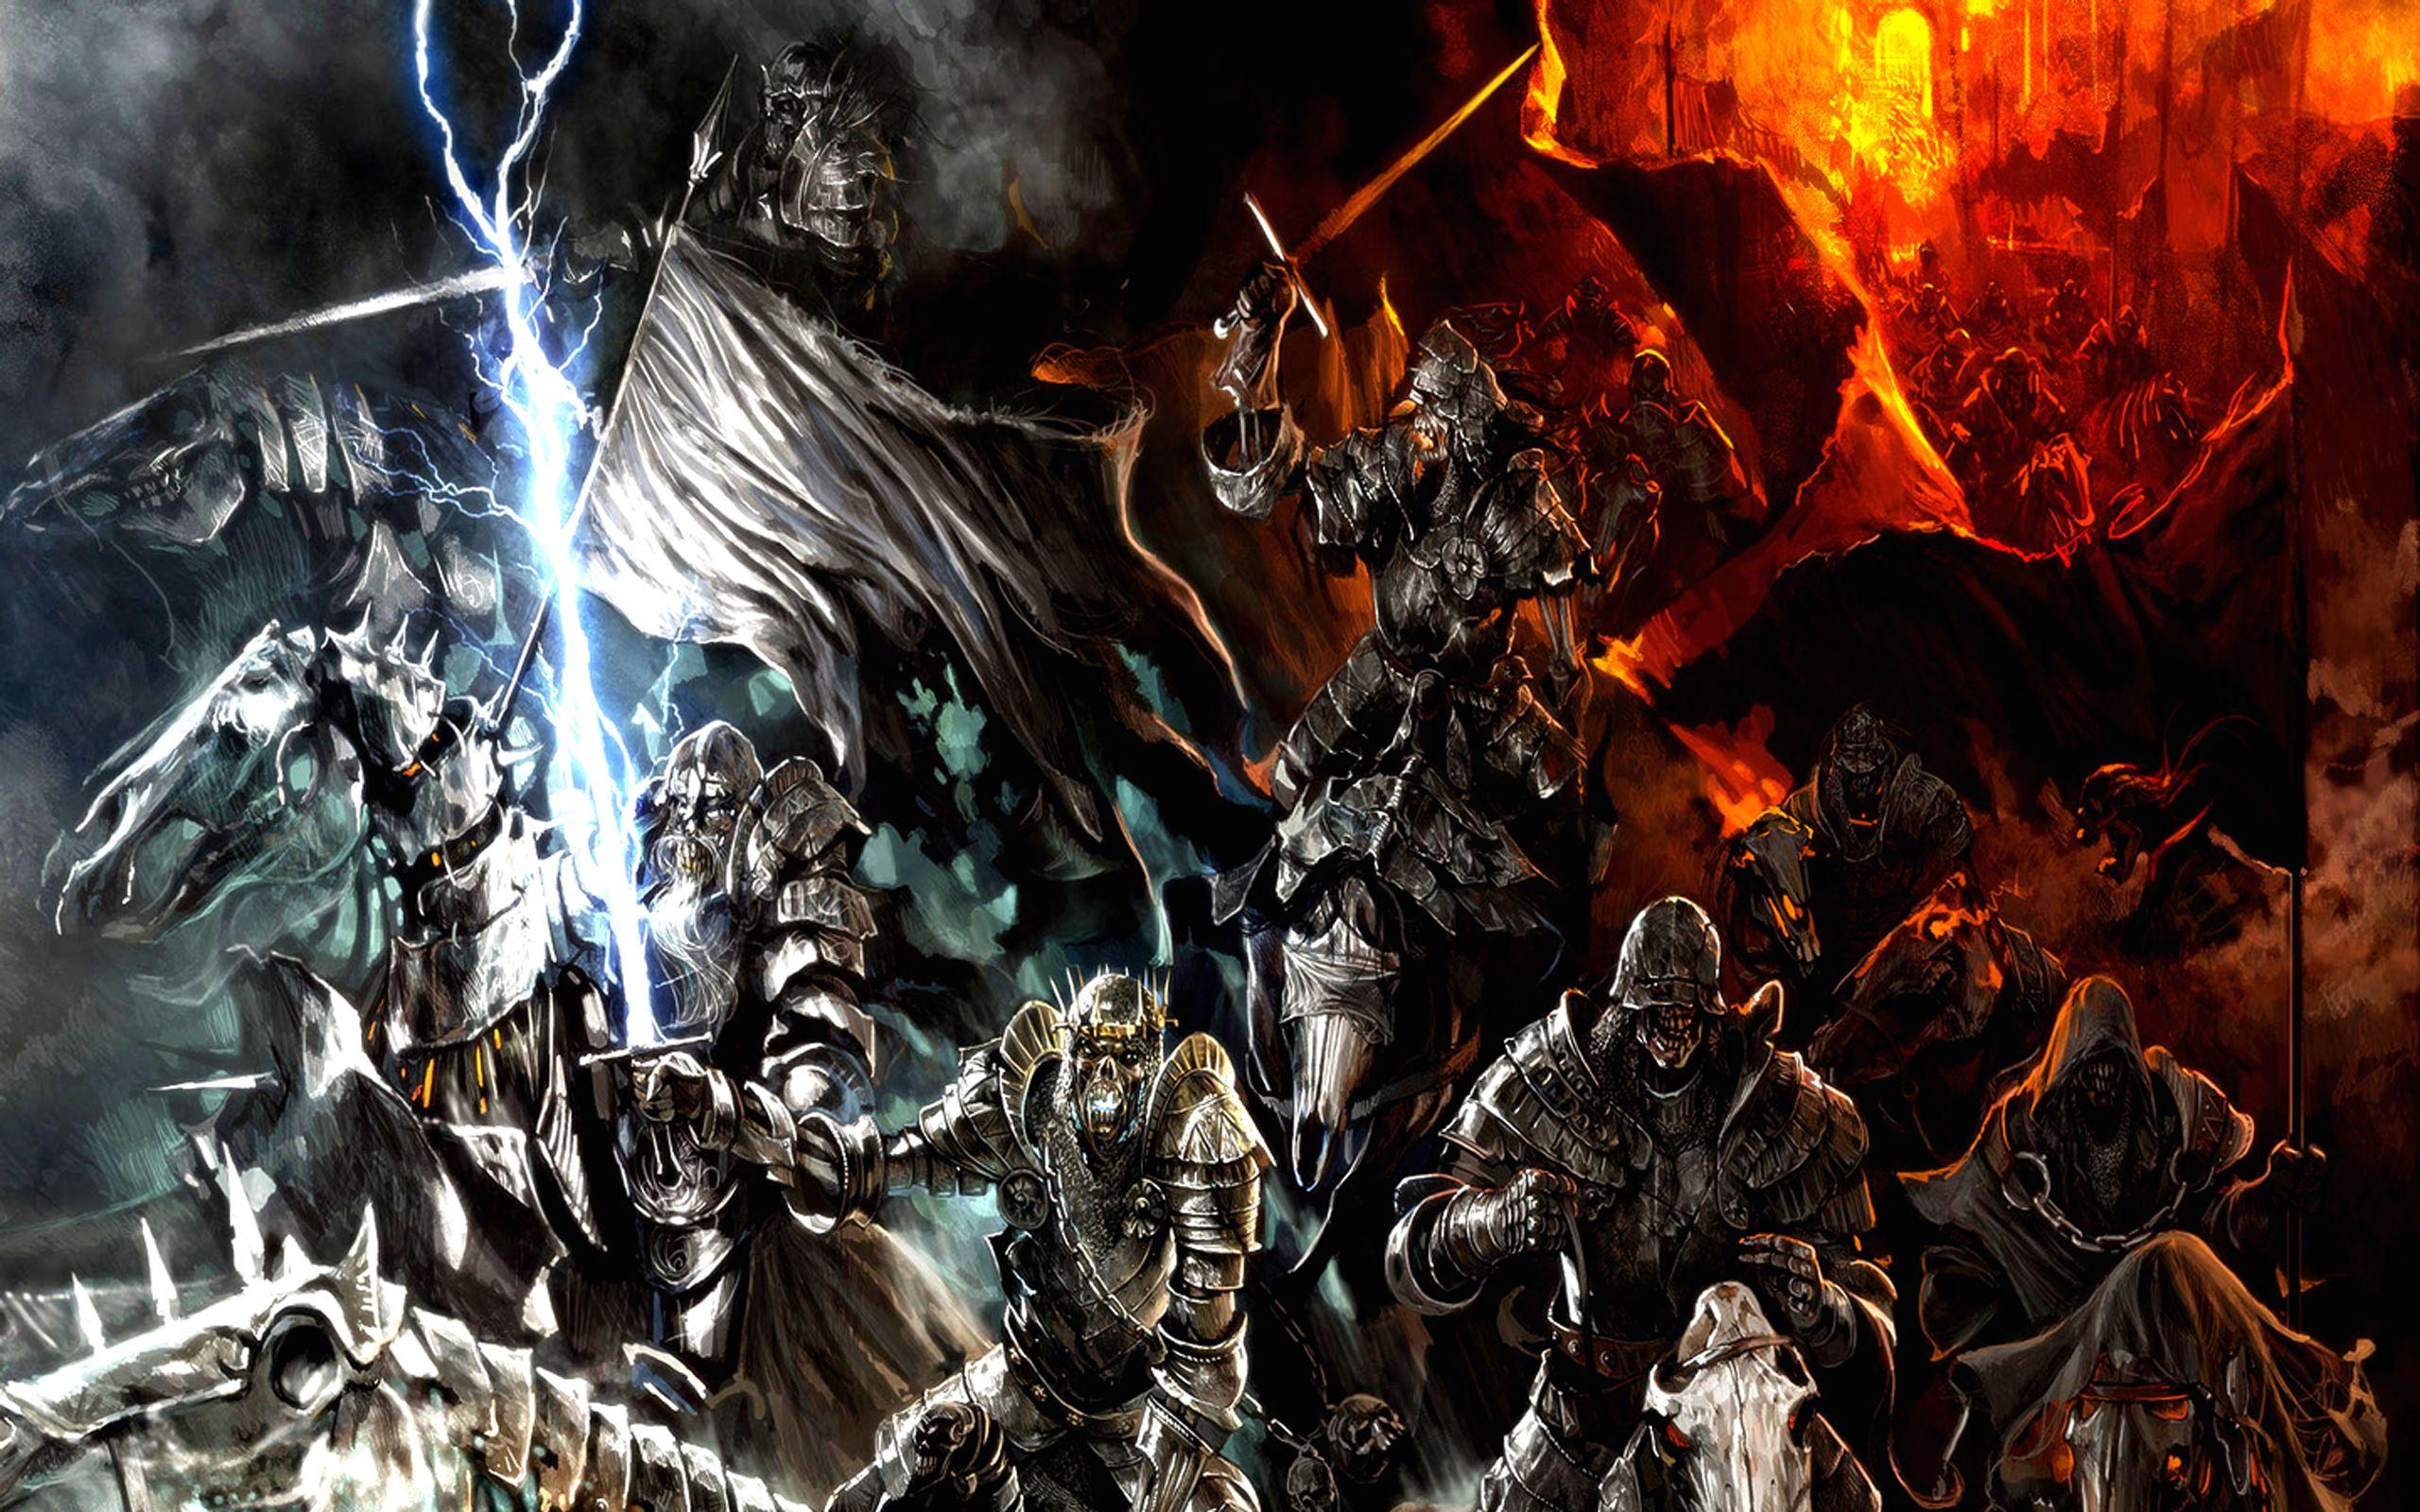 Fantasy Battle Fire Dark Warrior Epic Wallpaper